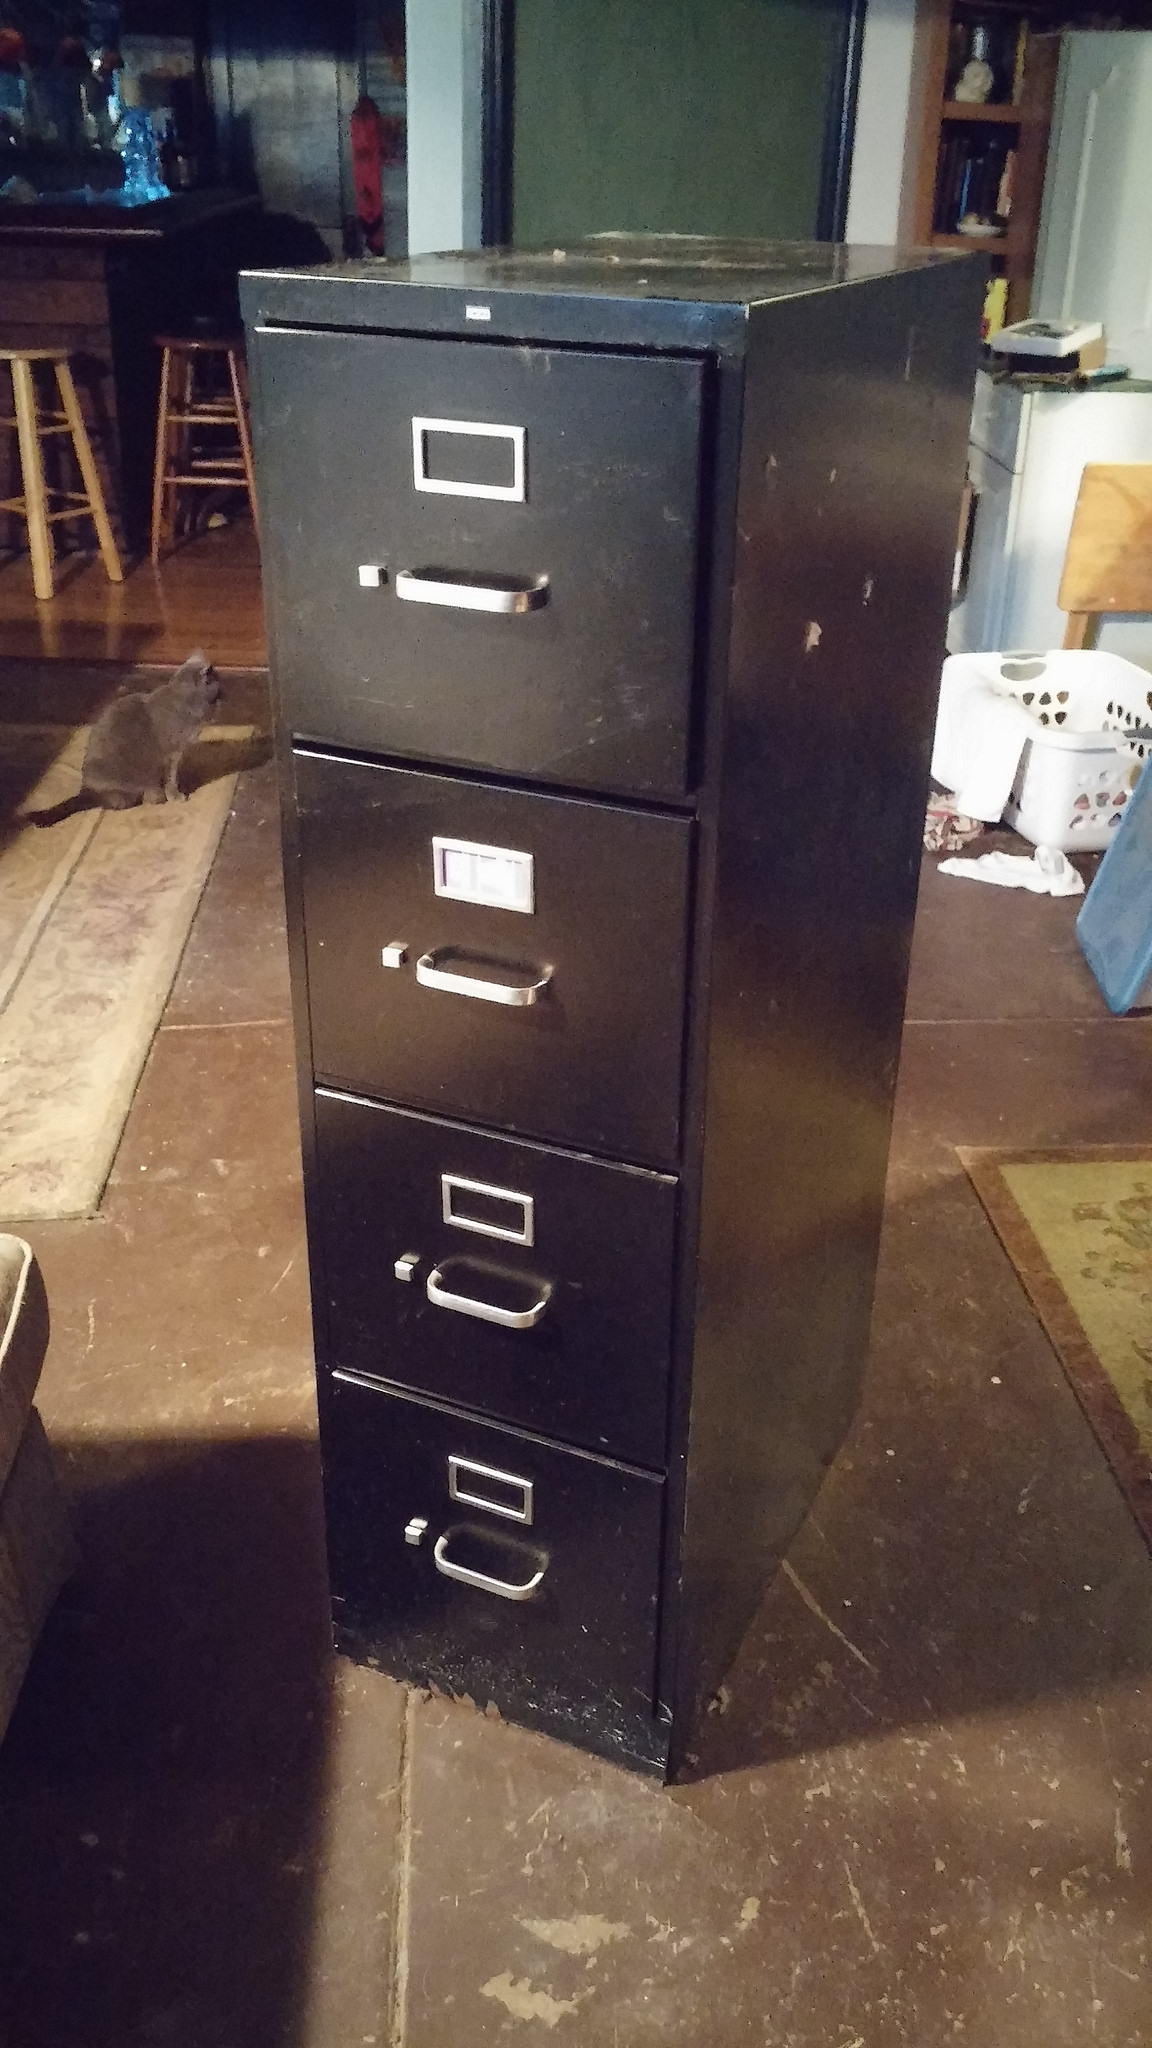 Buh-bye filing cabinet!